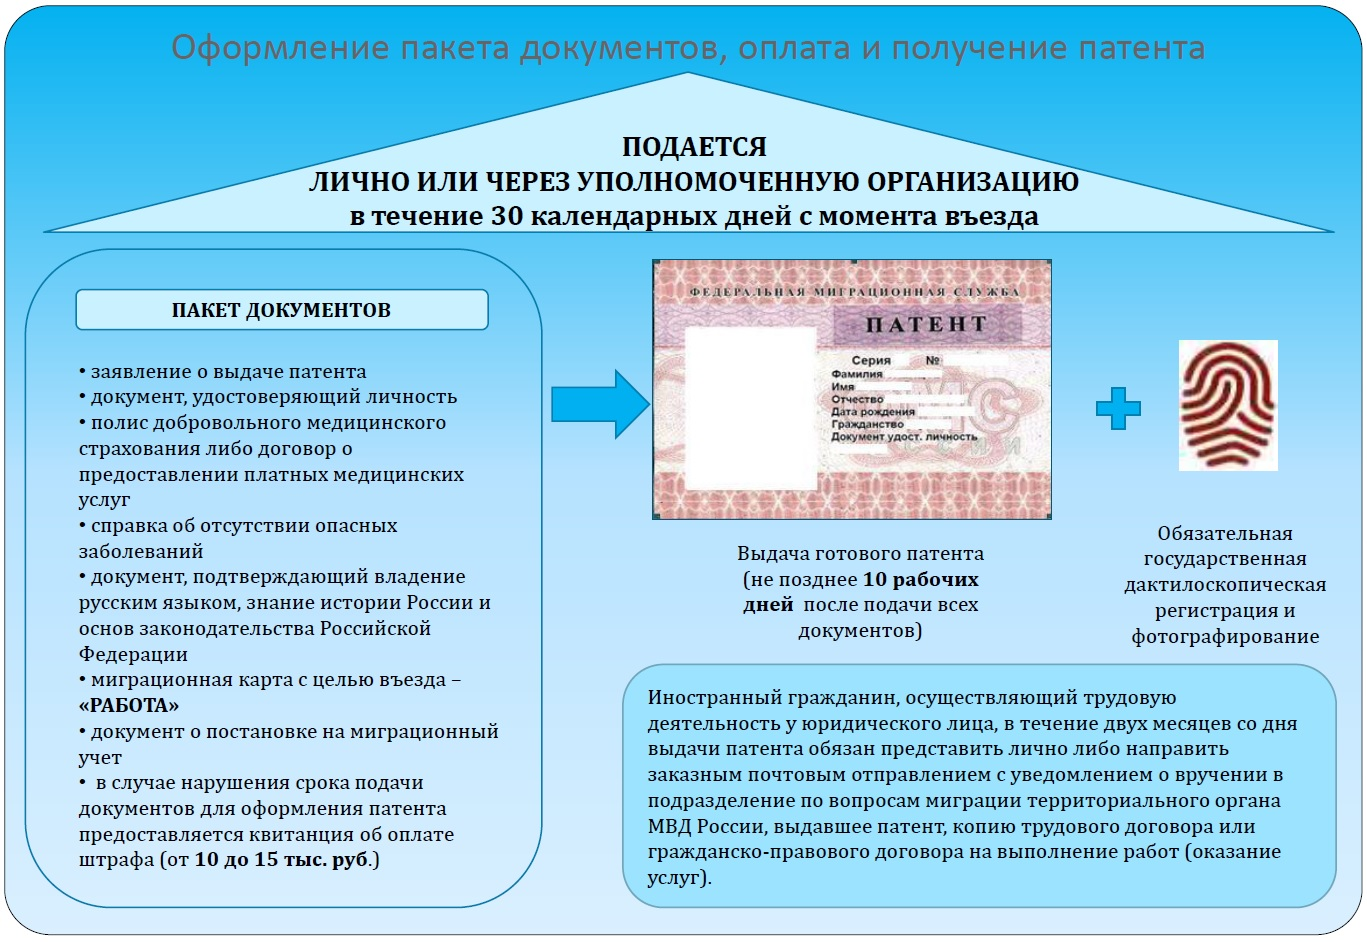 Как гражданам Киргизии трудоустроится на работу в РФ